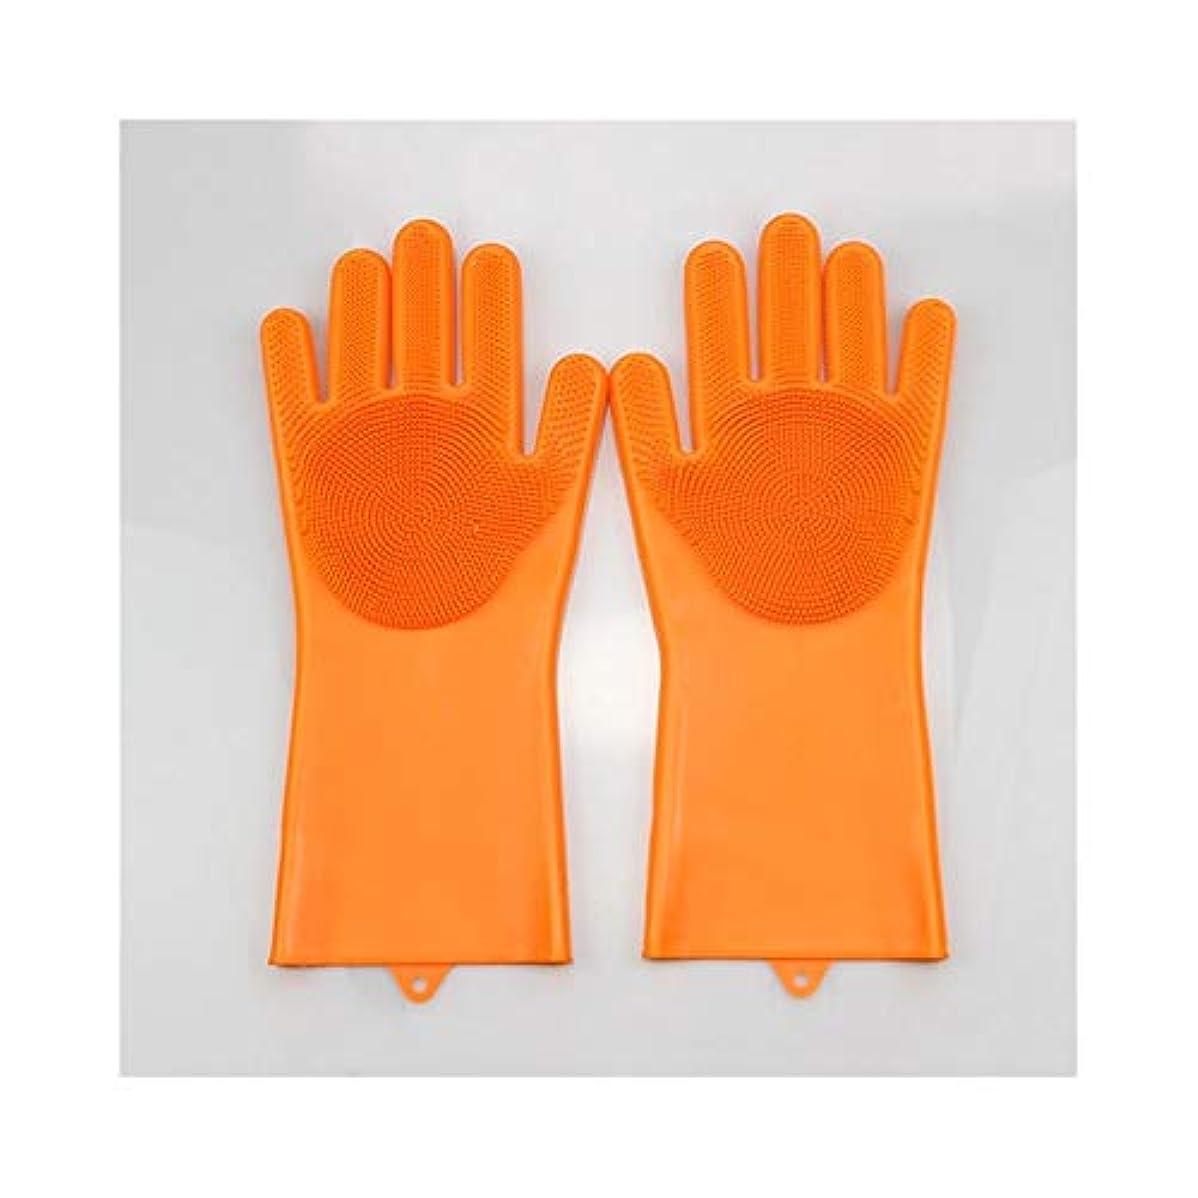 若いびっくり必須BTXXYJP キッチン用手袋 手袋 掃除用 ロング 耐摩耗 食器洗い 作業 掃除 炊事 食器洗い 園芸 洗車 防水 手袋 (Color : Orange, Size : L)